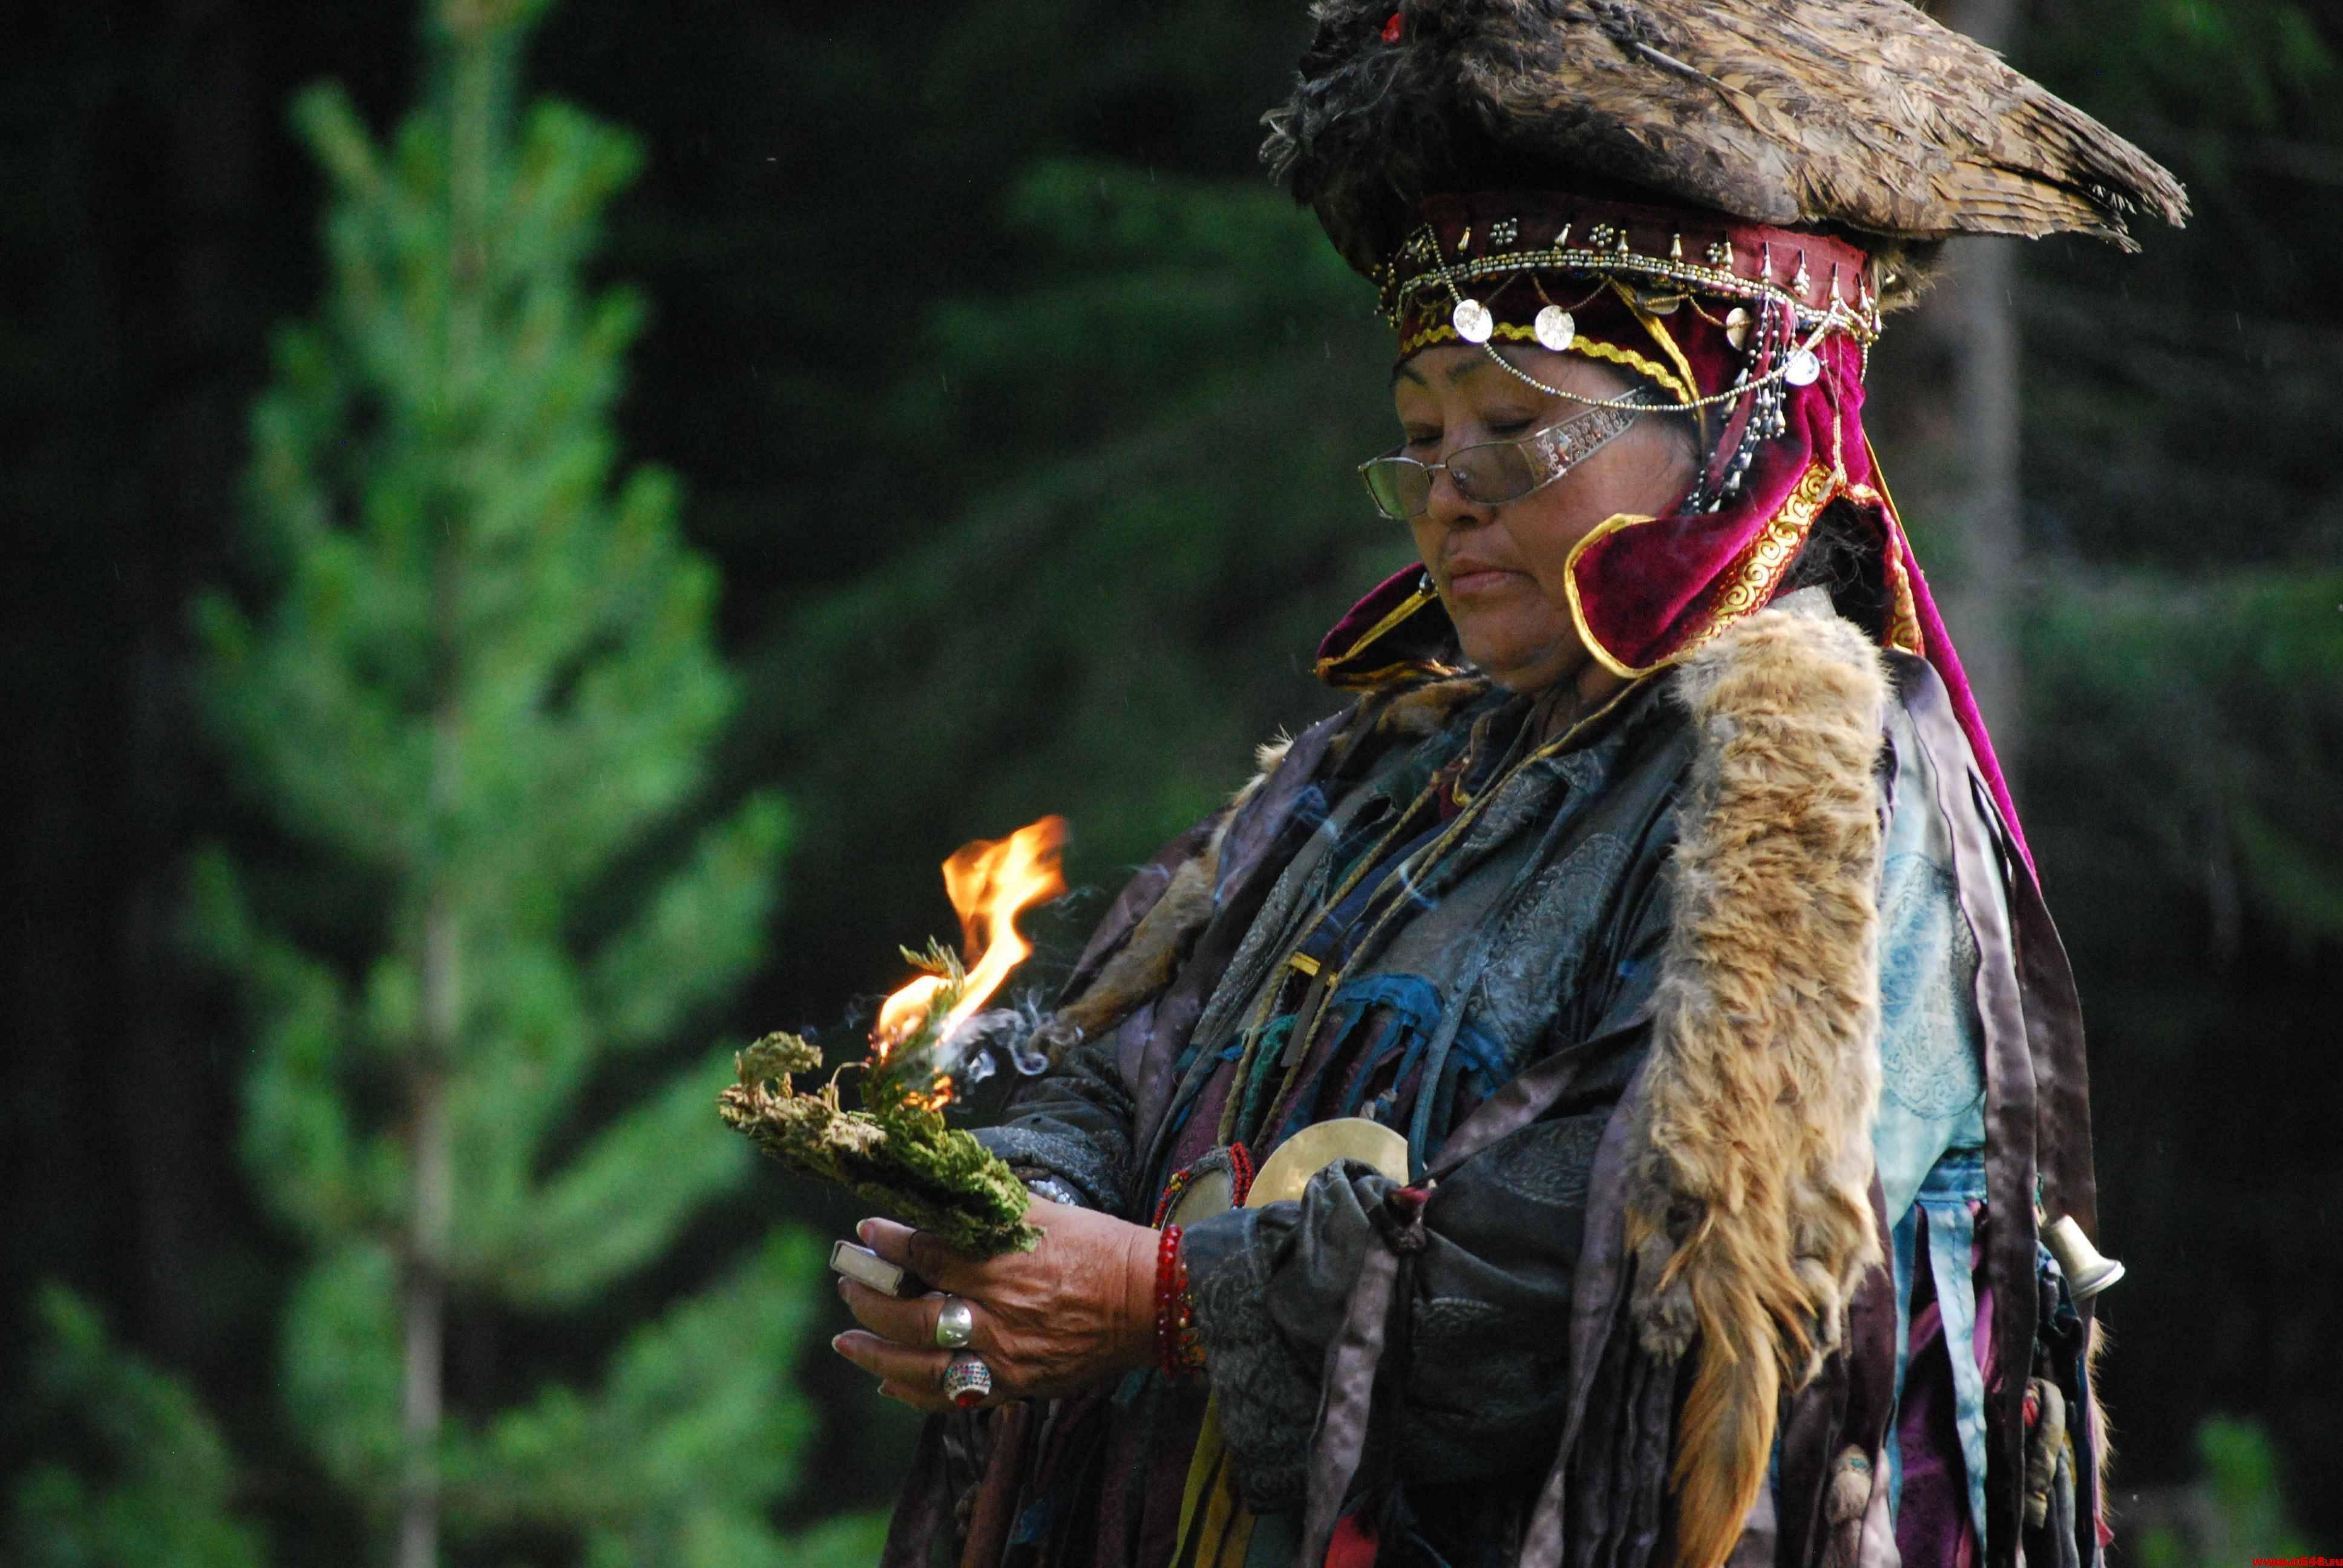 Шаманы алтая и других регионов сибири. сибирские шаманы: убивающие словом - стопаллергия